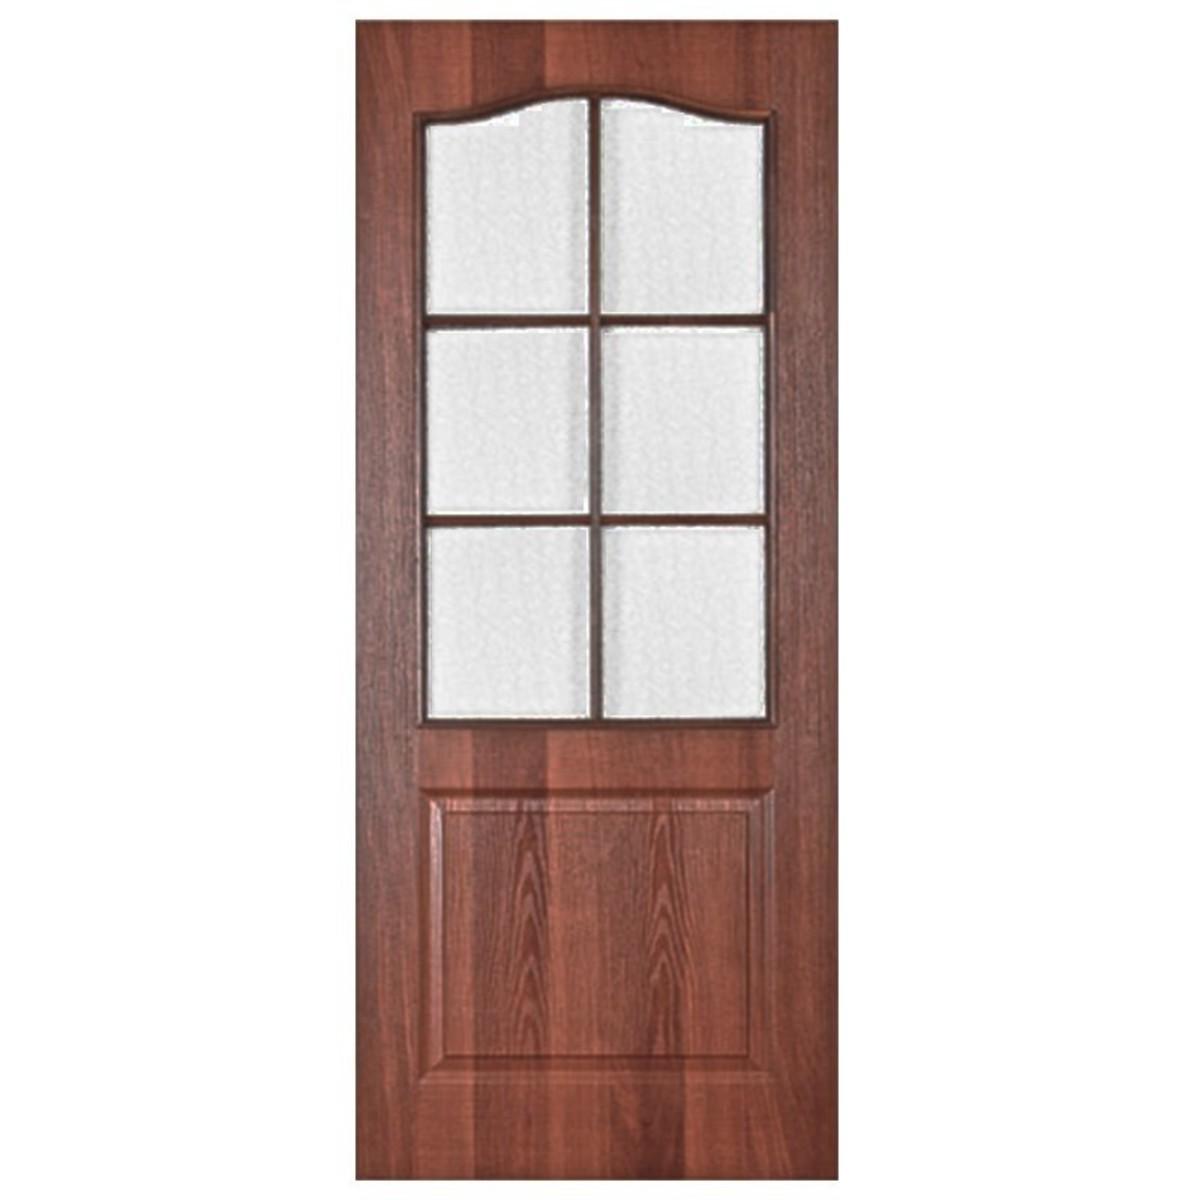 Дверь Межкомнатная Остеклённая Палитра 60x200 Ламинация Цвет Итальянский Орех